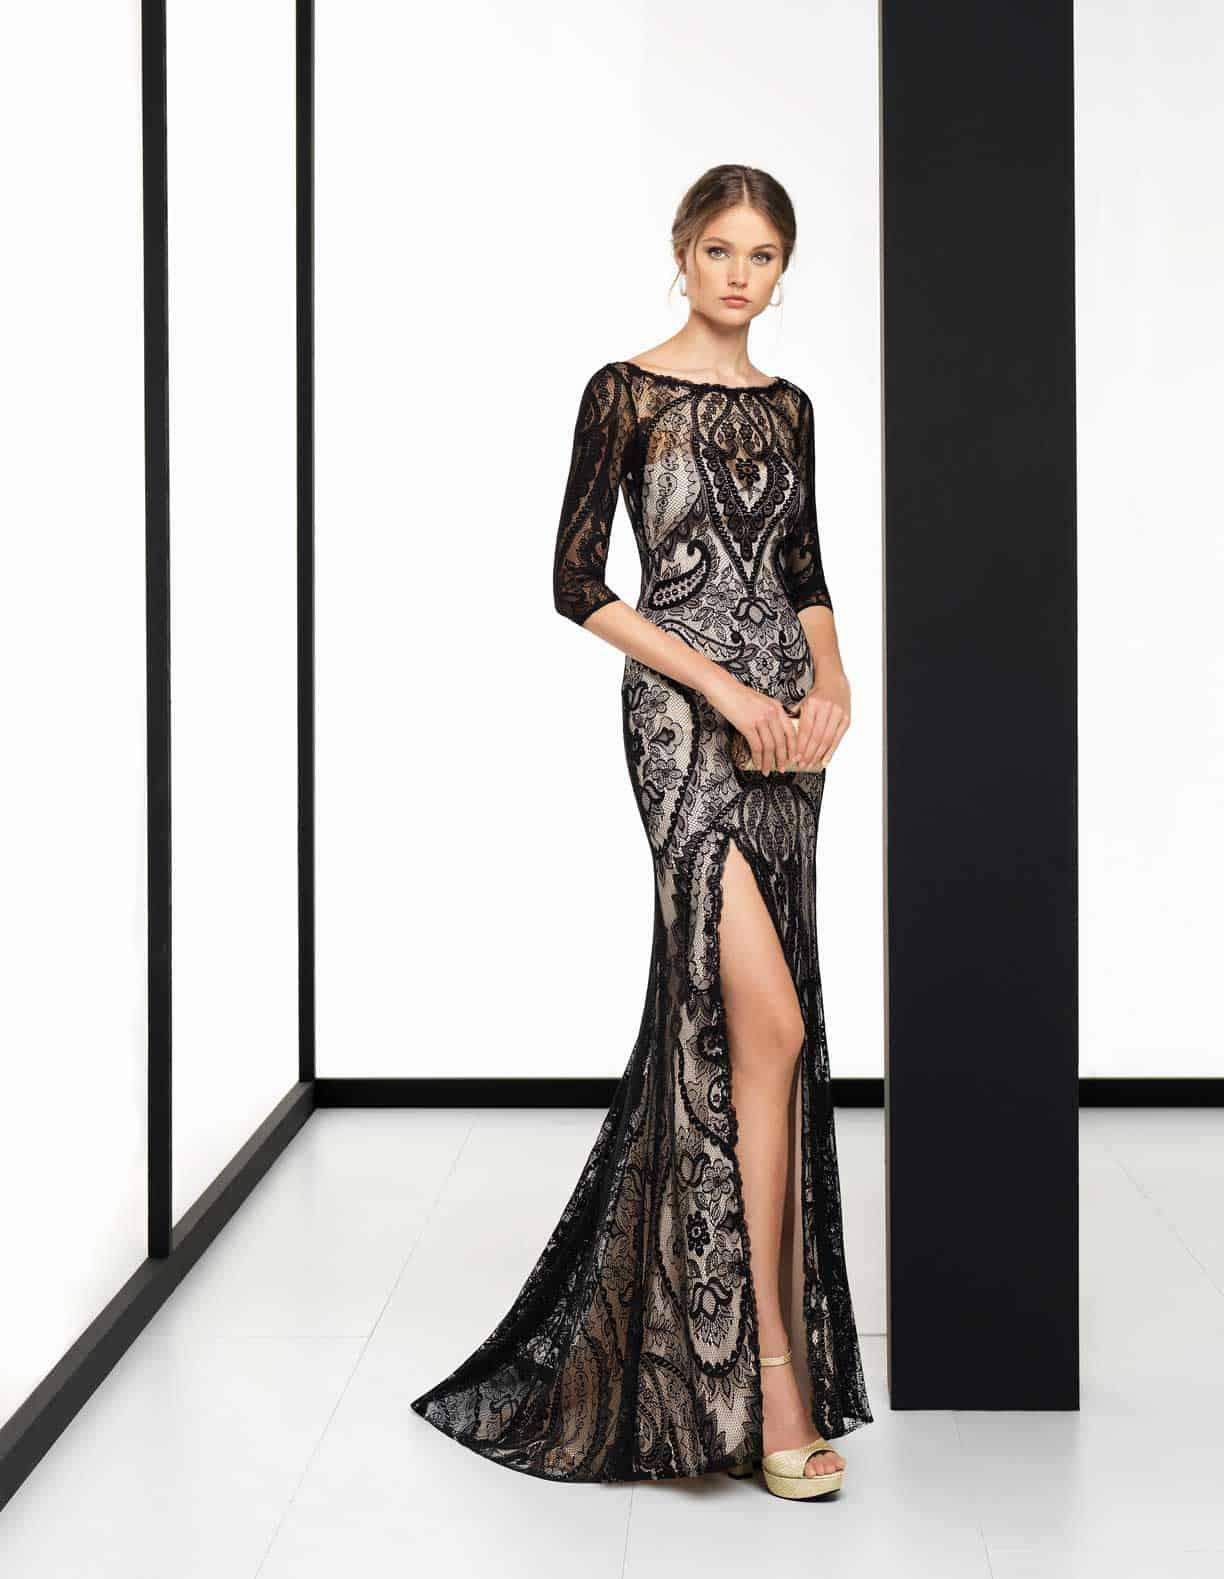 20 Kreativ Abendkleid Mit Beinschlitz StylishAbend Genial Abendkleid Mit Beinschlitz für 2019